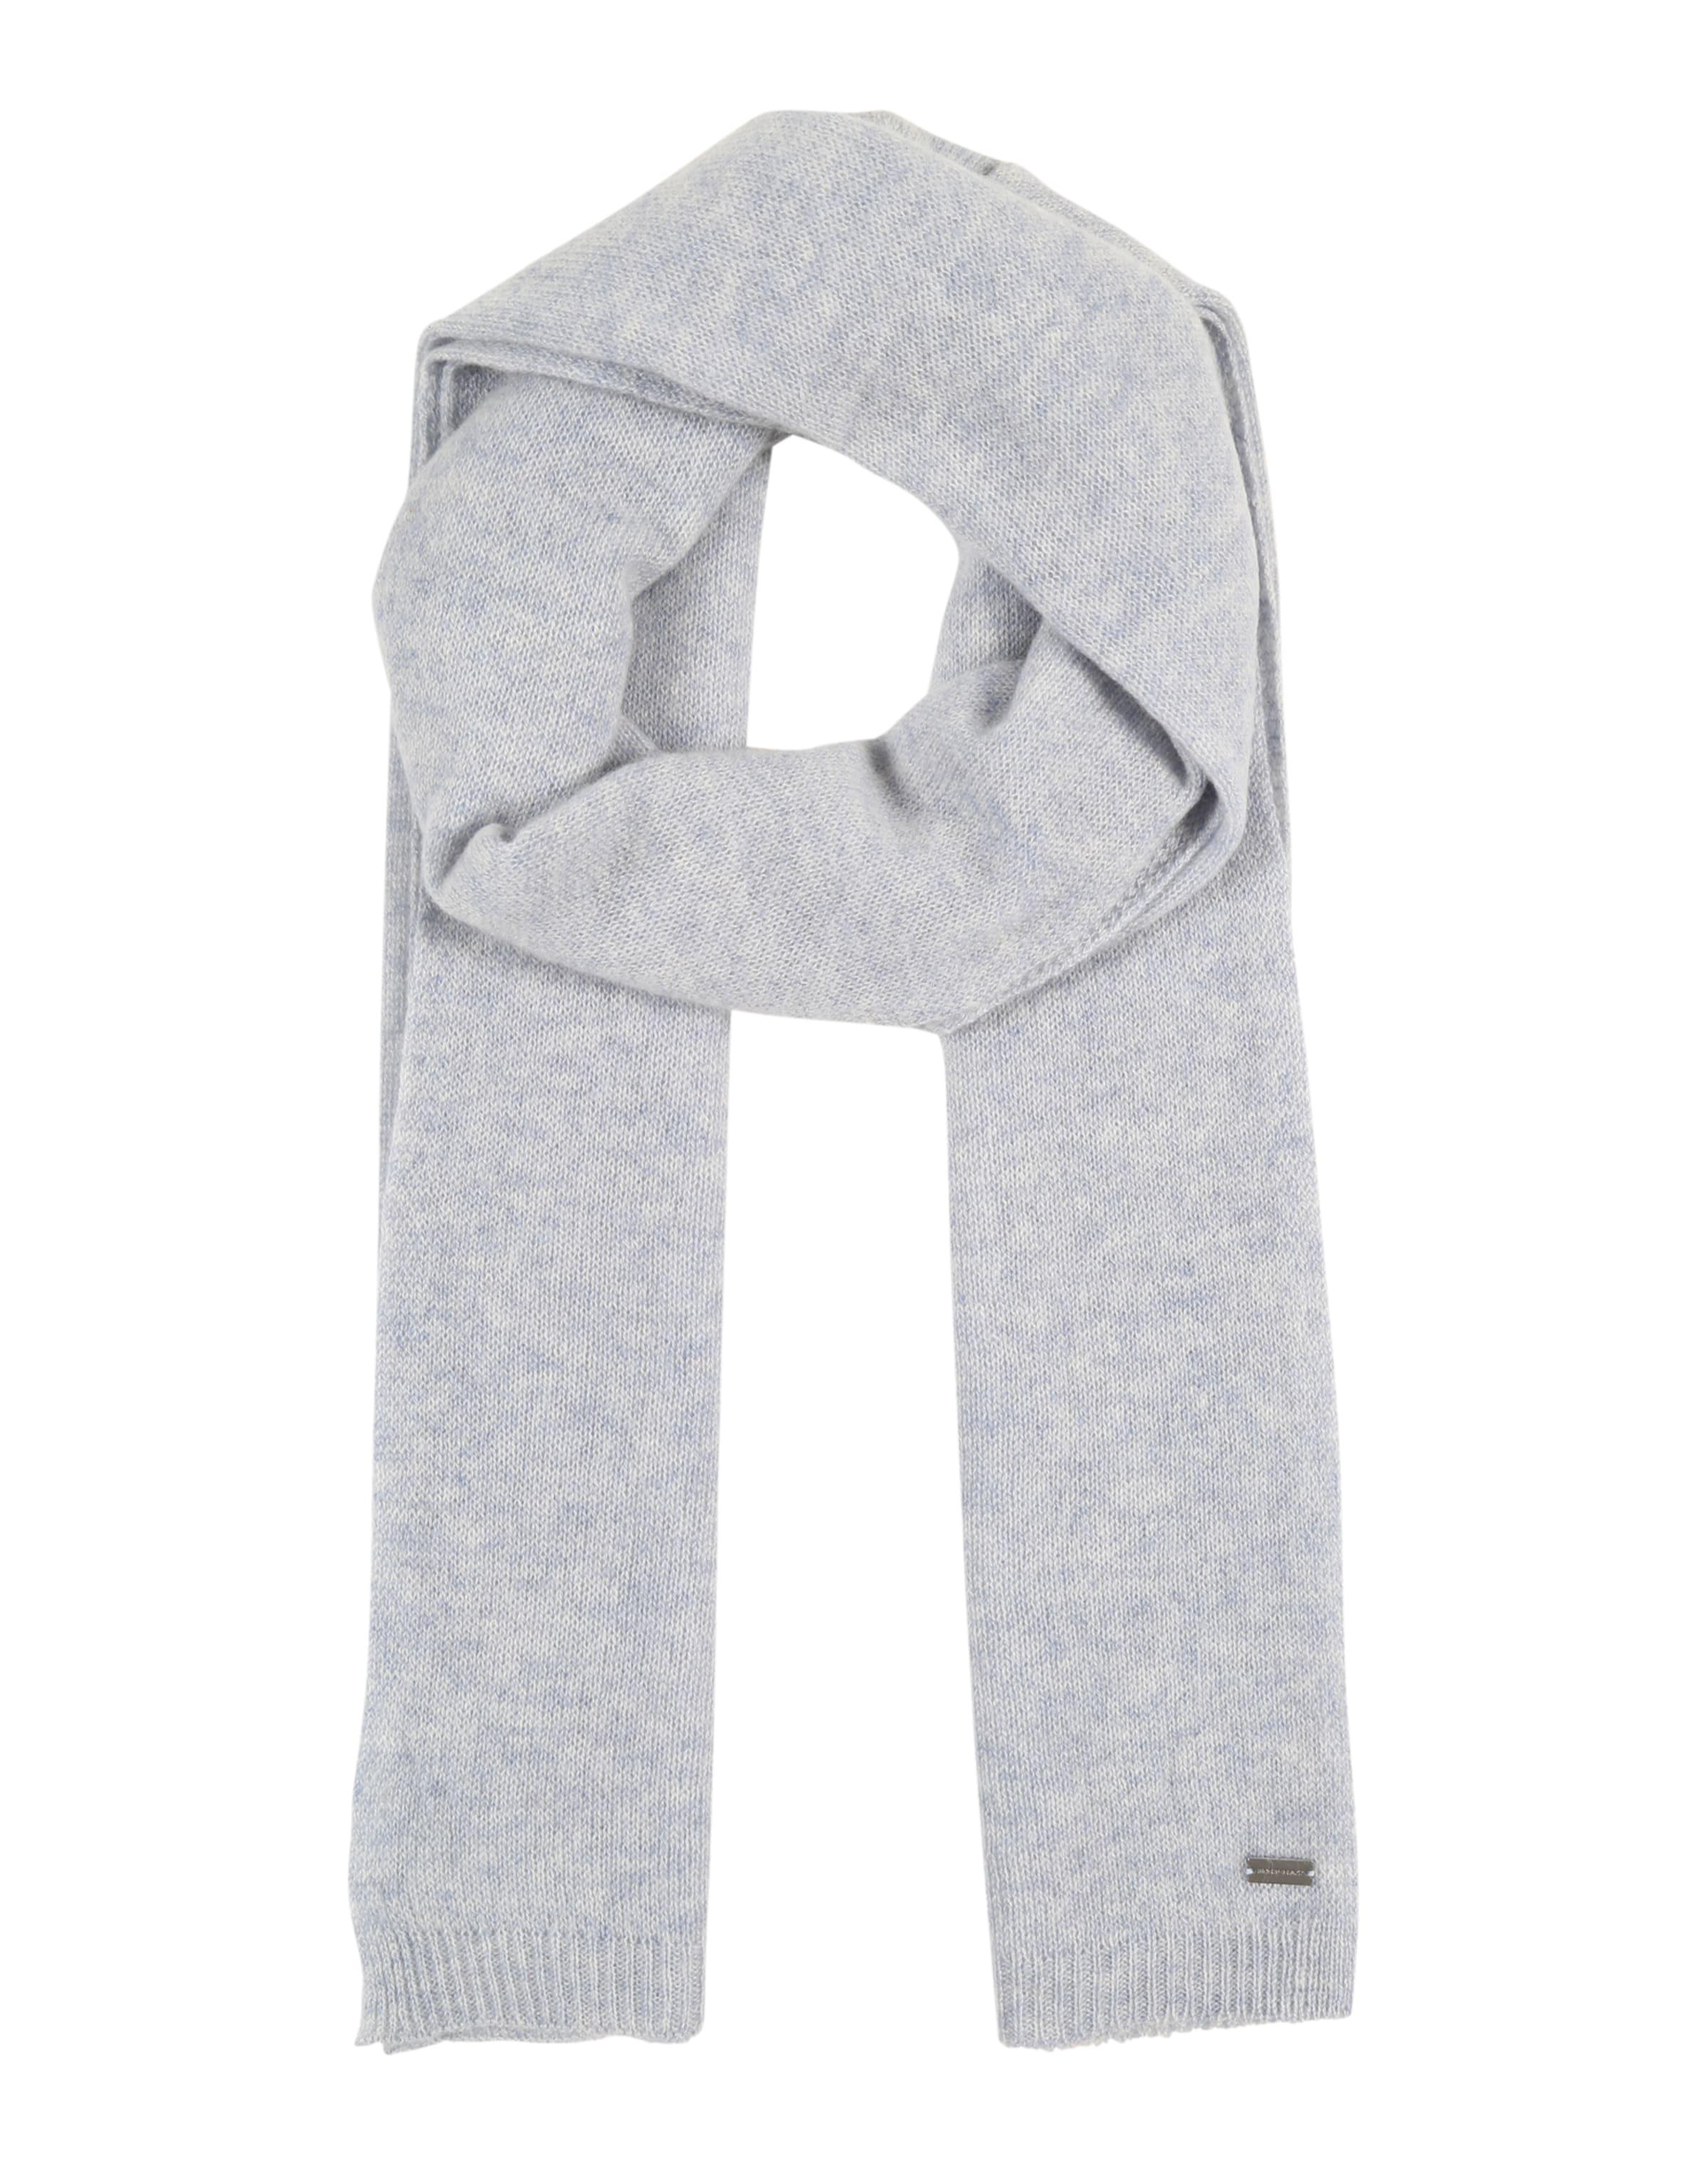 REPEAT Softer Schal in Melange-Design Austritt Aus Deutschland fTX0s